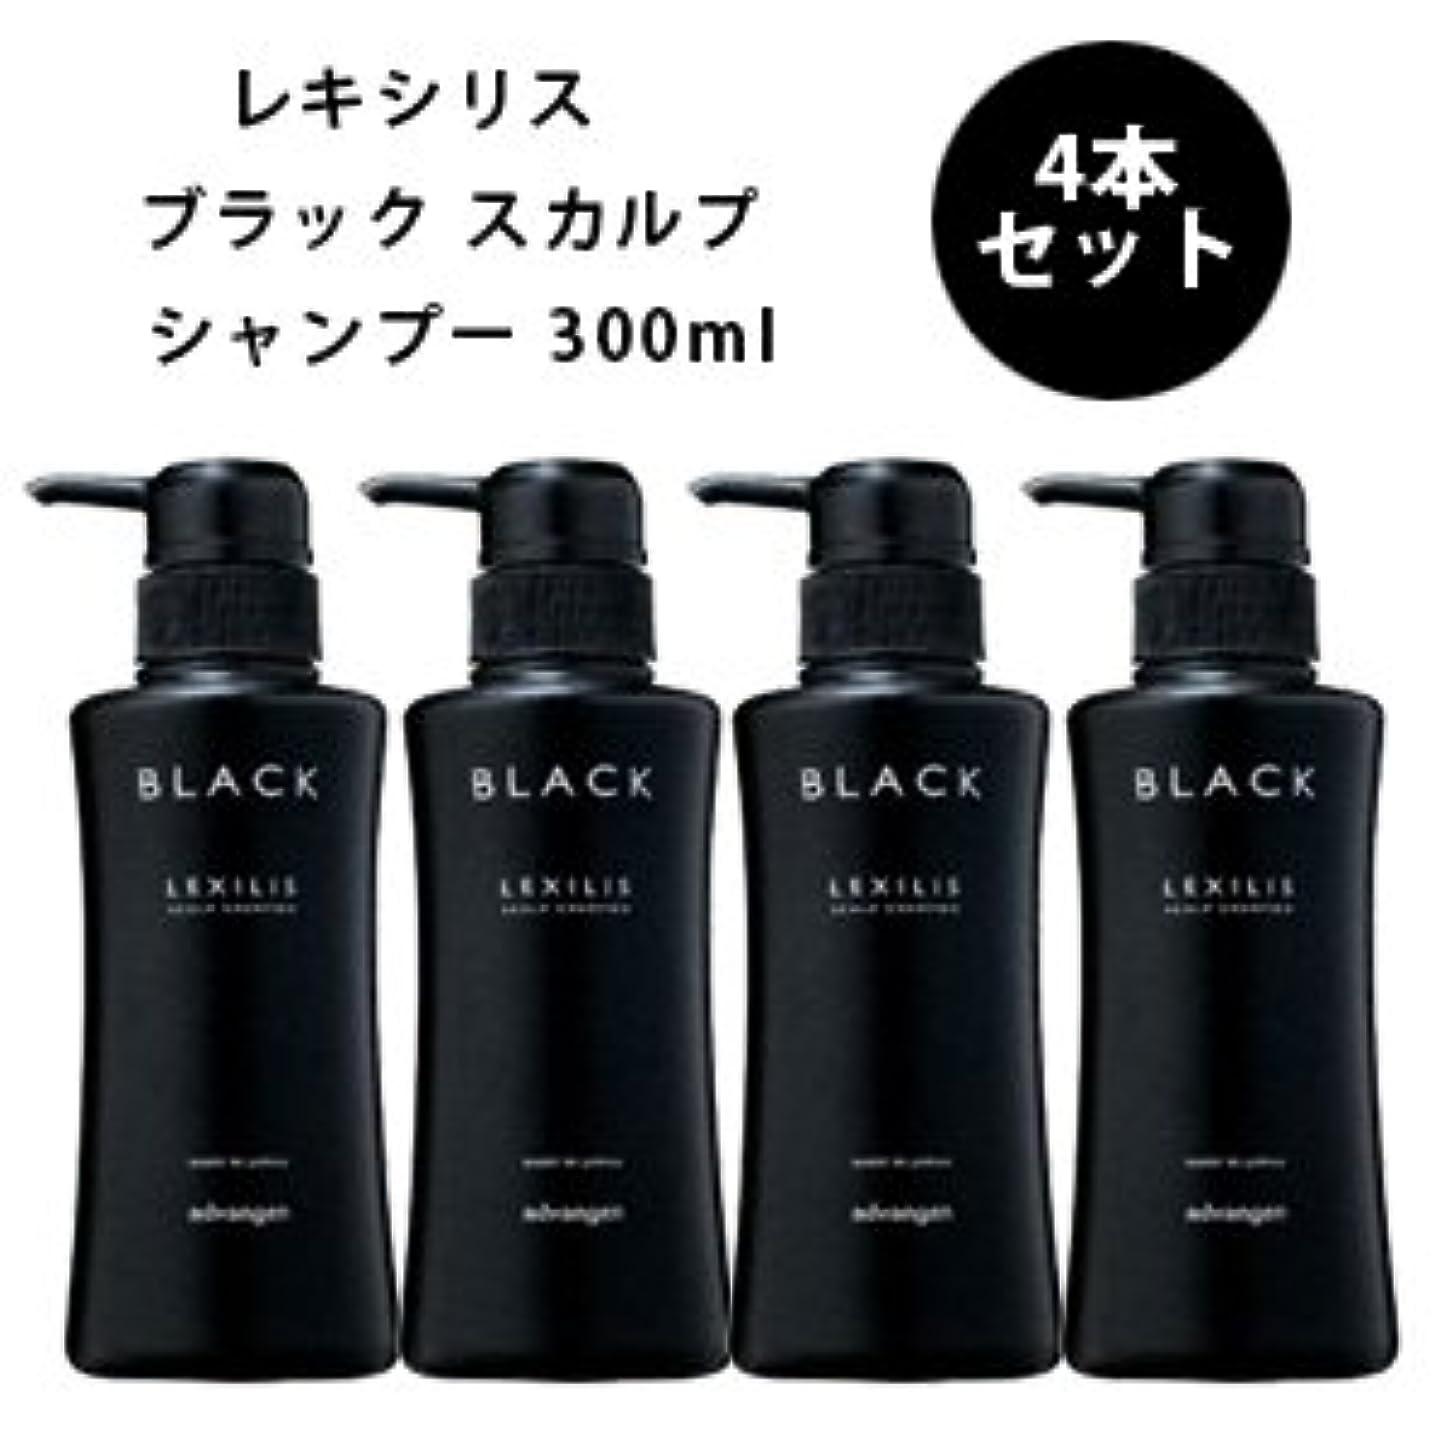 思いつく粘り強い対応レキシリス ブラック スカルプシャンプー 300ml 4本セット